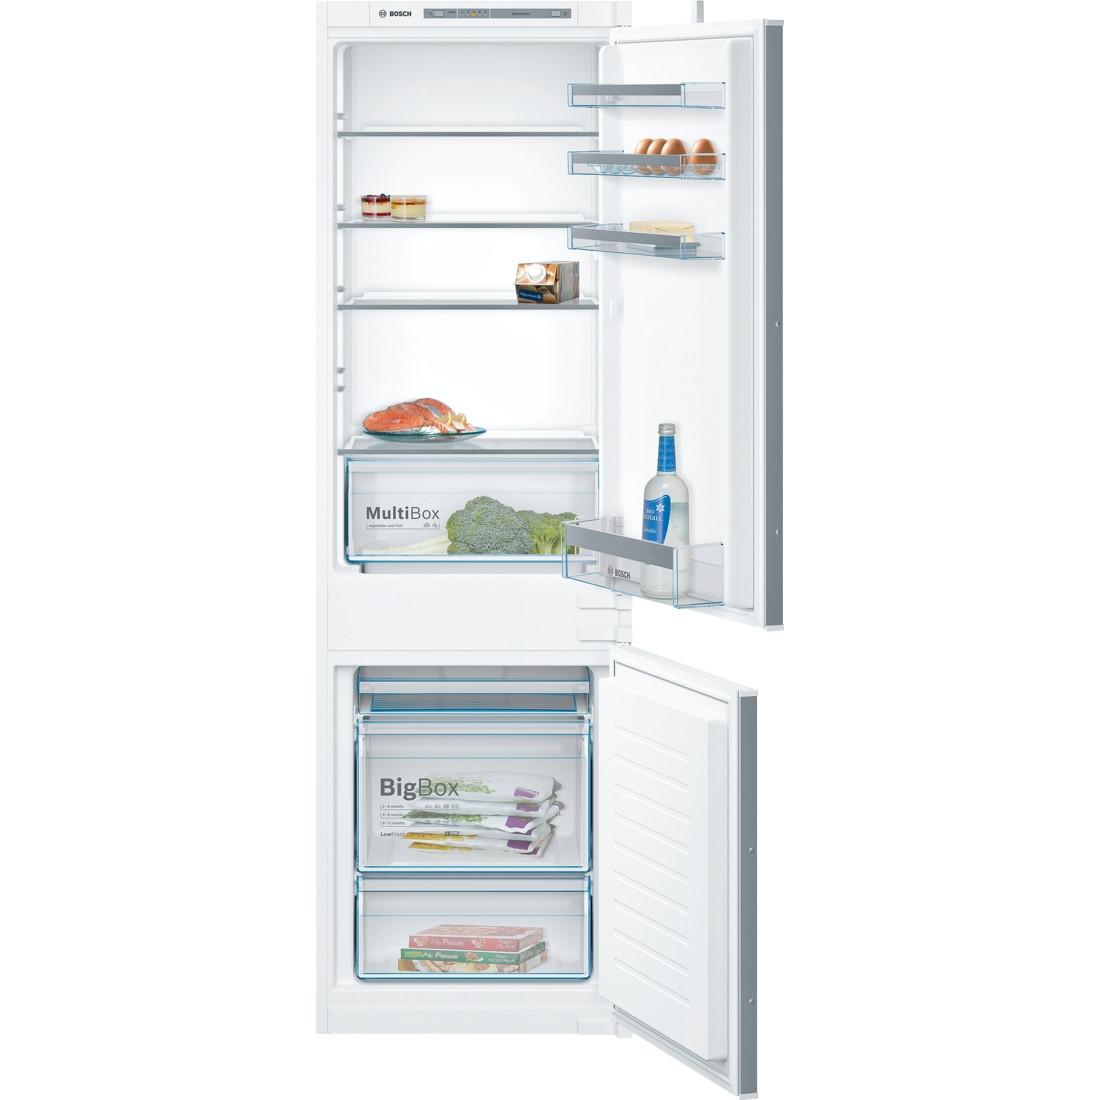 Bosch Serie 4 KIV86VS30G Built-in Fridge Freezer